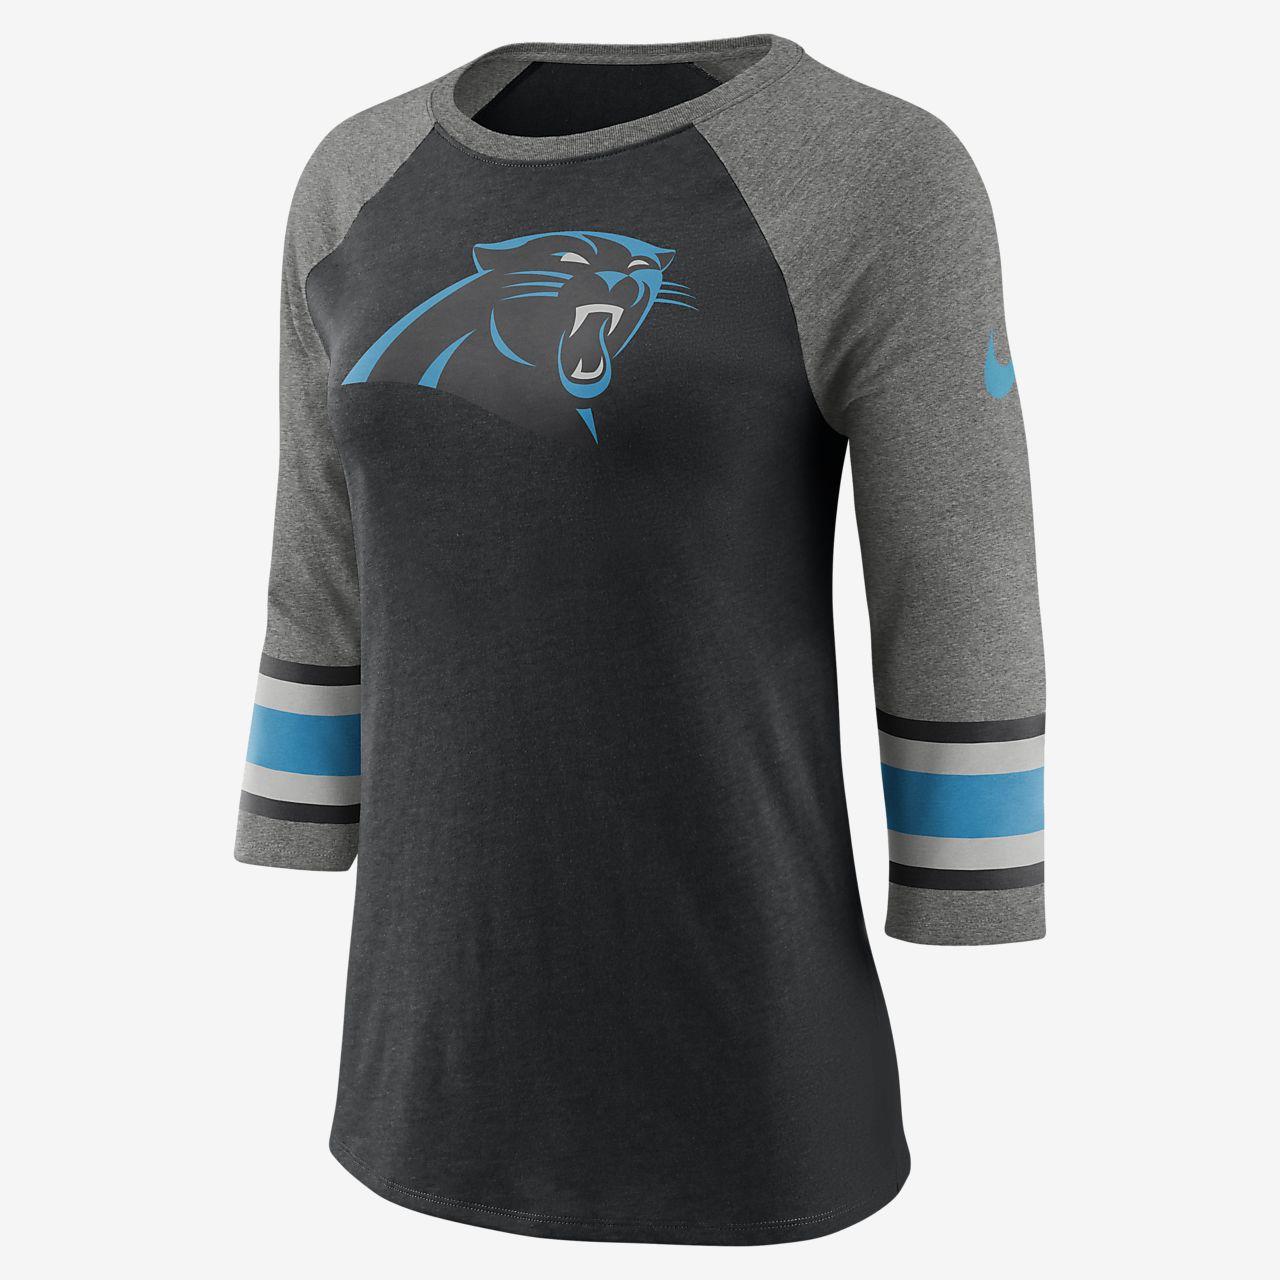 Nike Tri-Blend Raglan (NFL Panthers) T-skjorte med 3/4 ermer for dame